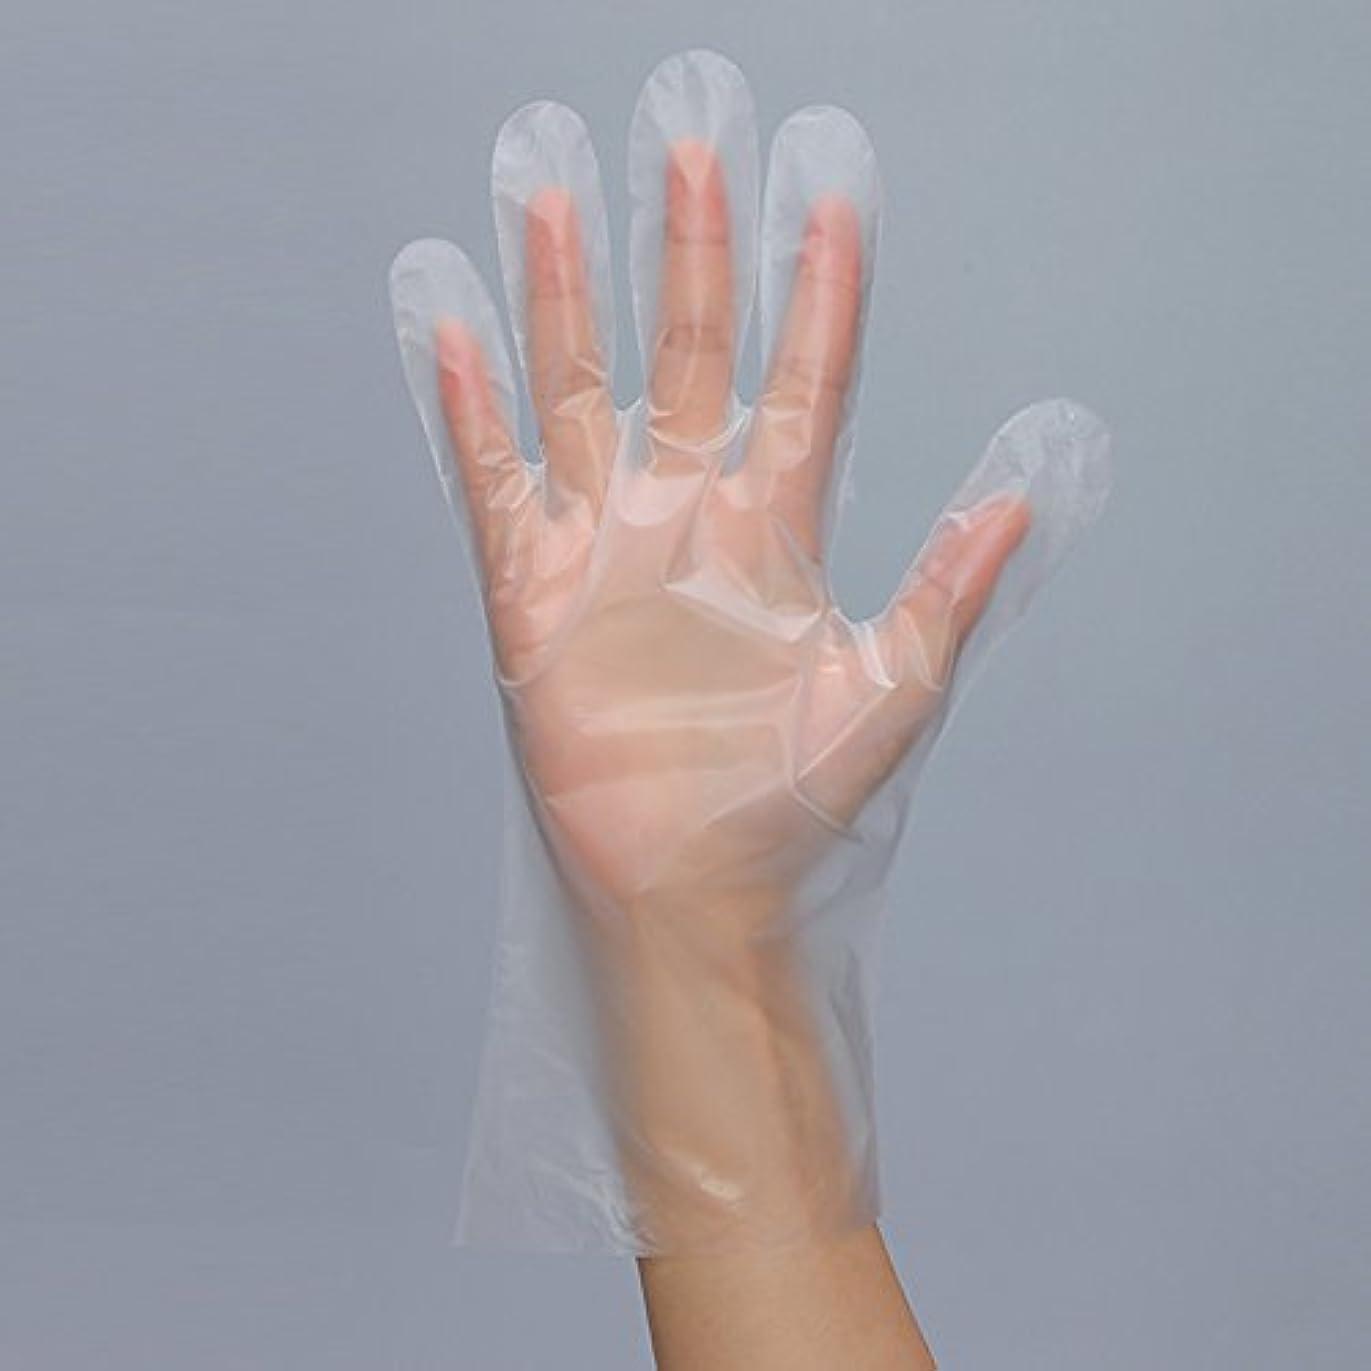 光景パンサーパンチ使い捨て手袋 透明 食事 キッチン 調理 美容用 衛生 20/100枚入  (100枚入(薄型))